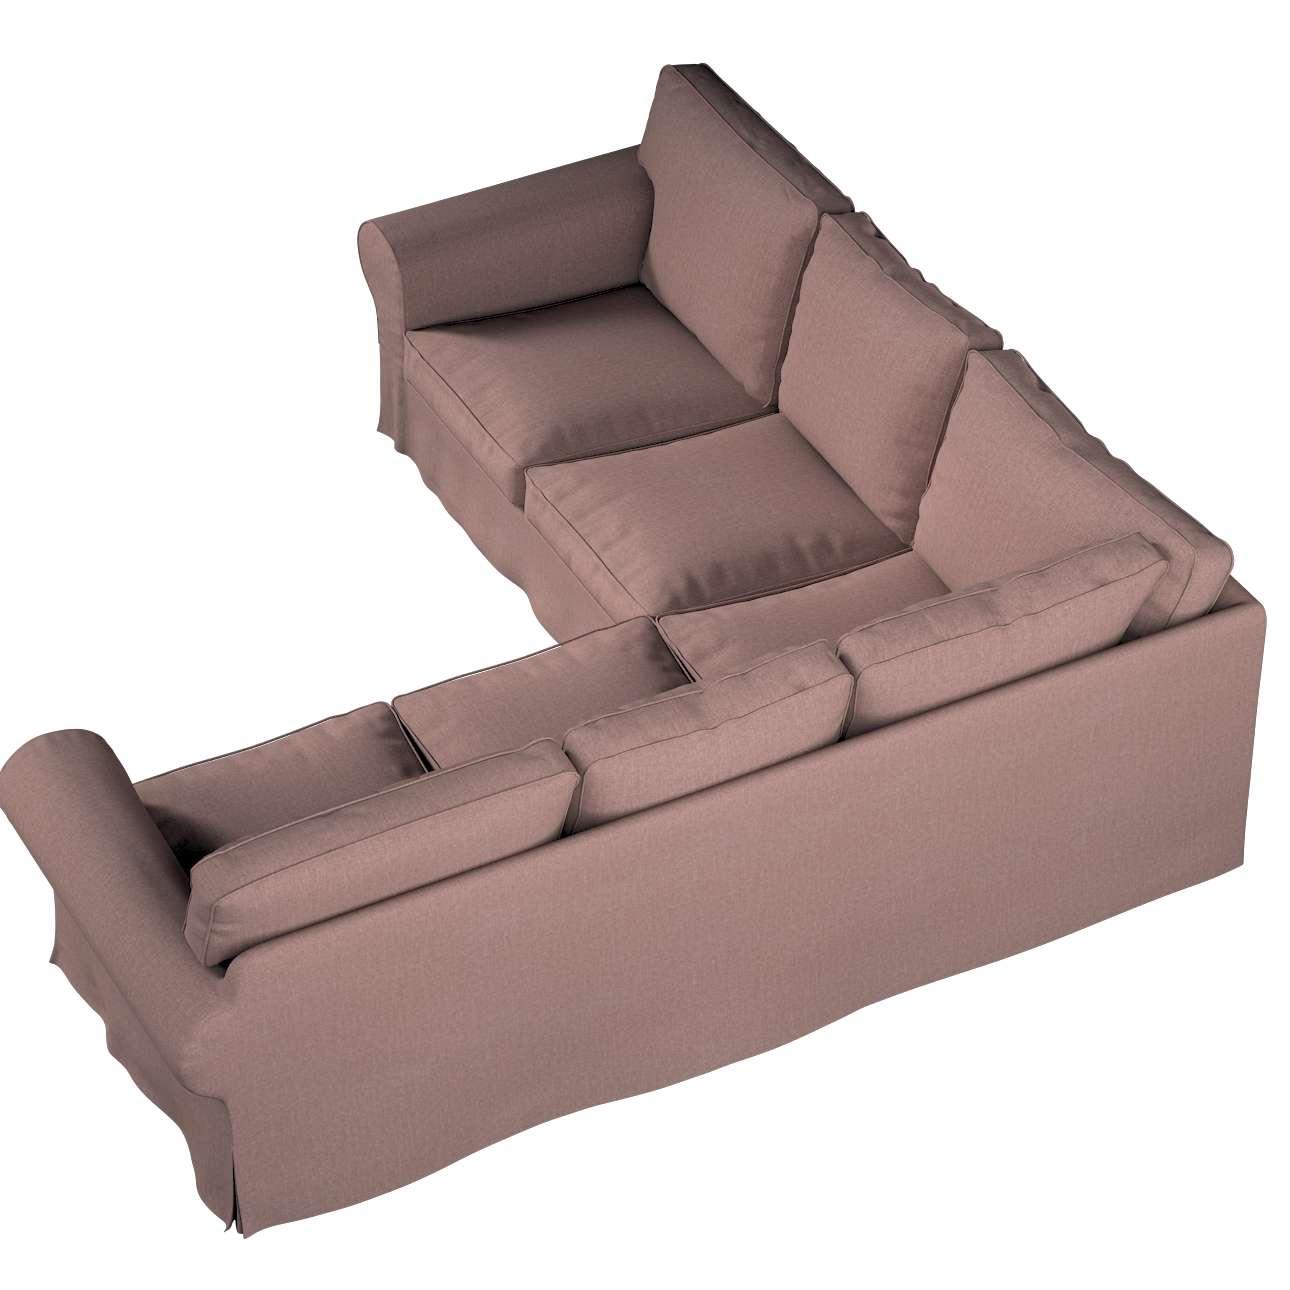 Pokrowiec na sofę narożną Ektorp w kolekcji City, tkanina: 704-83